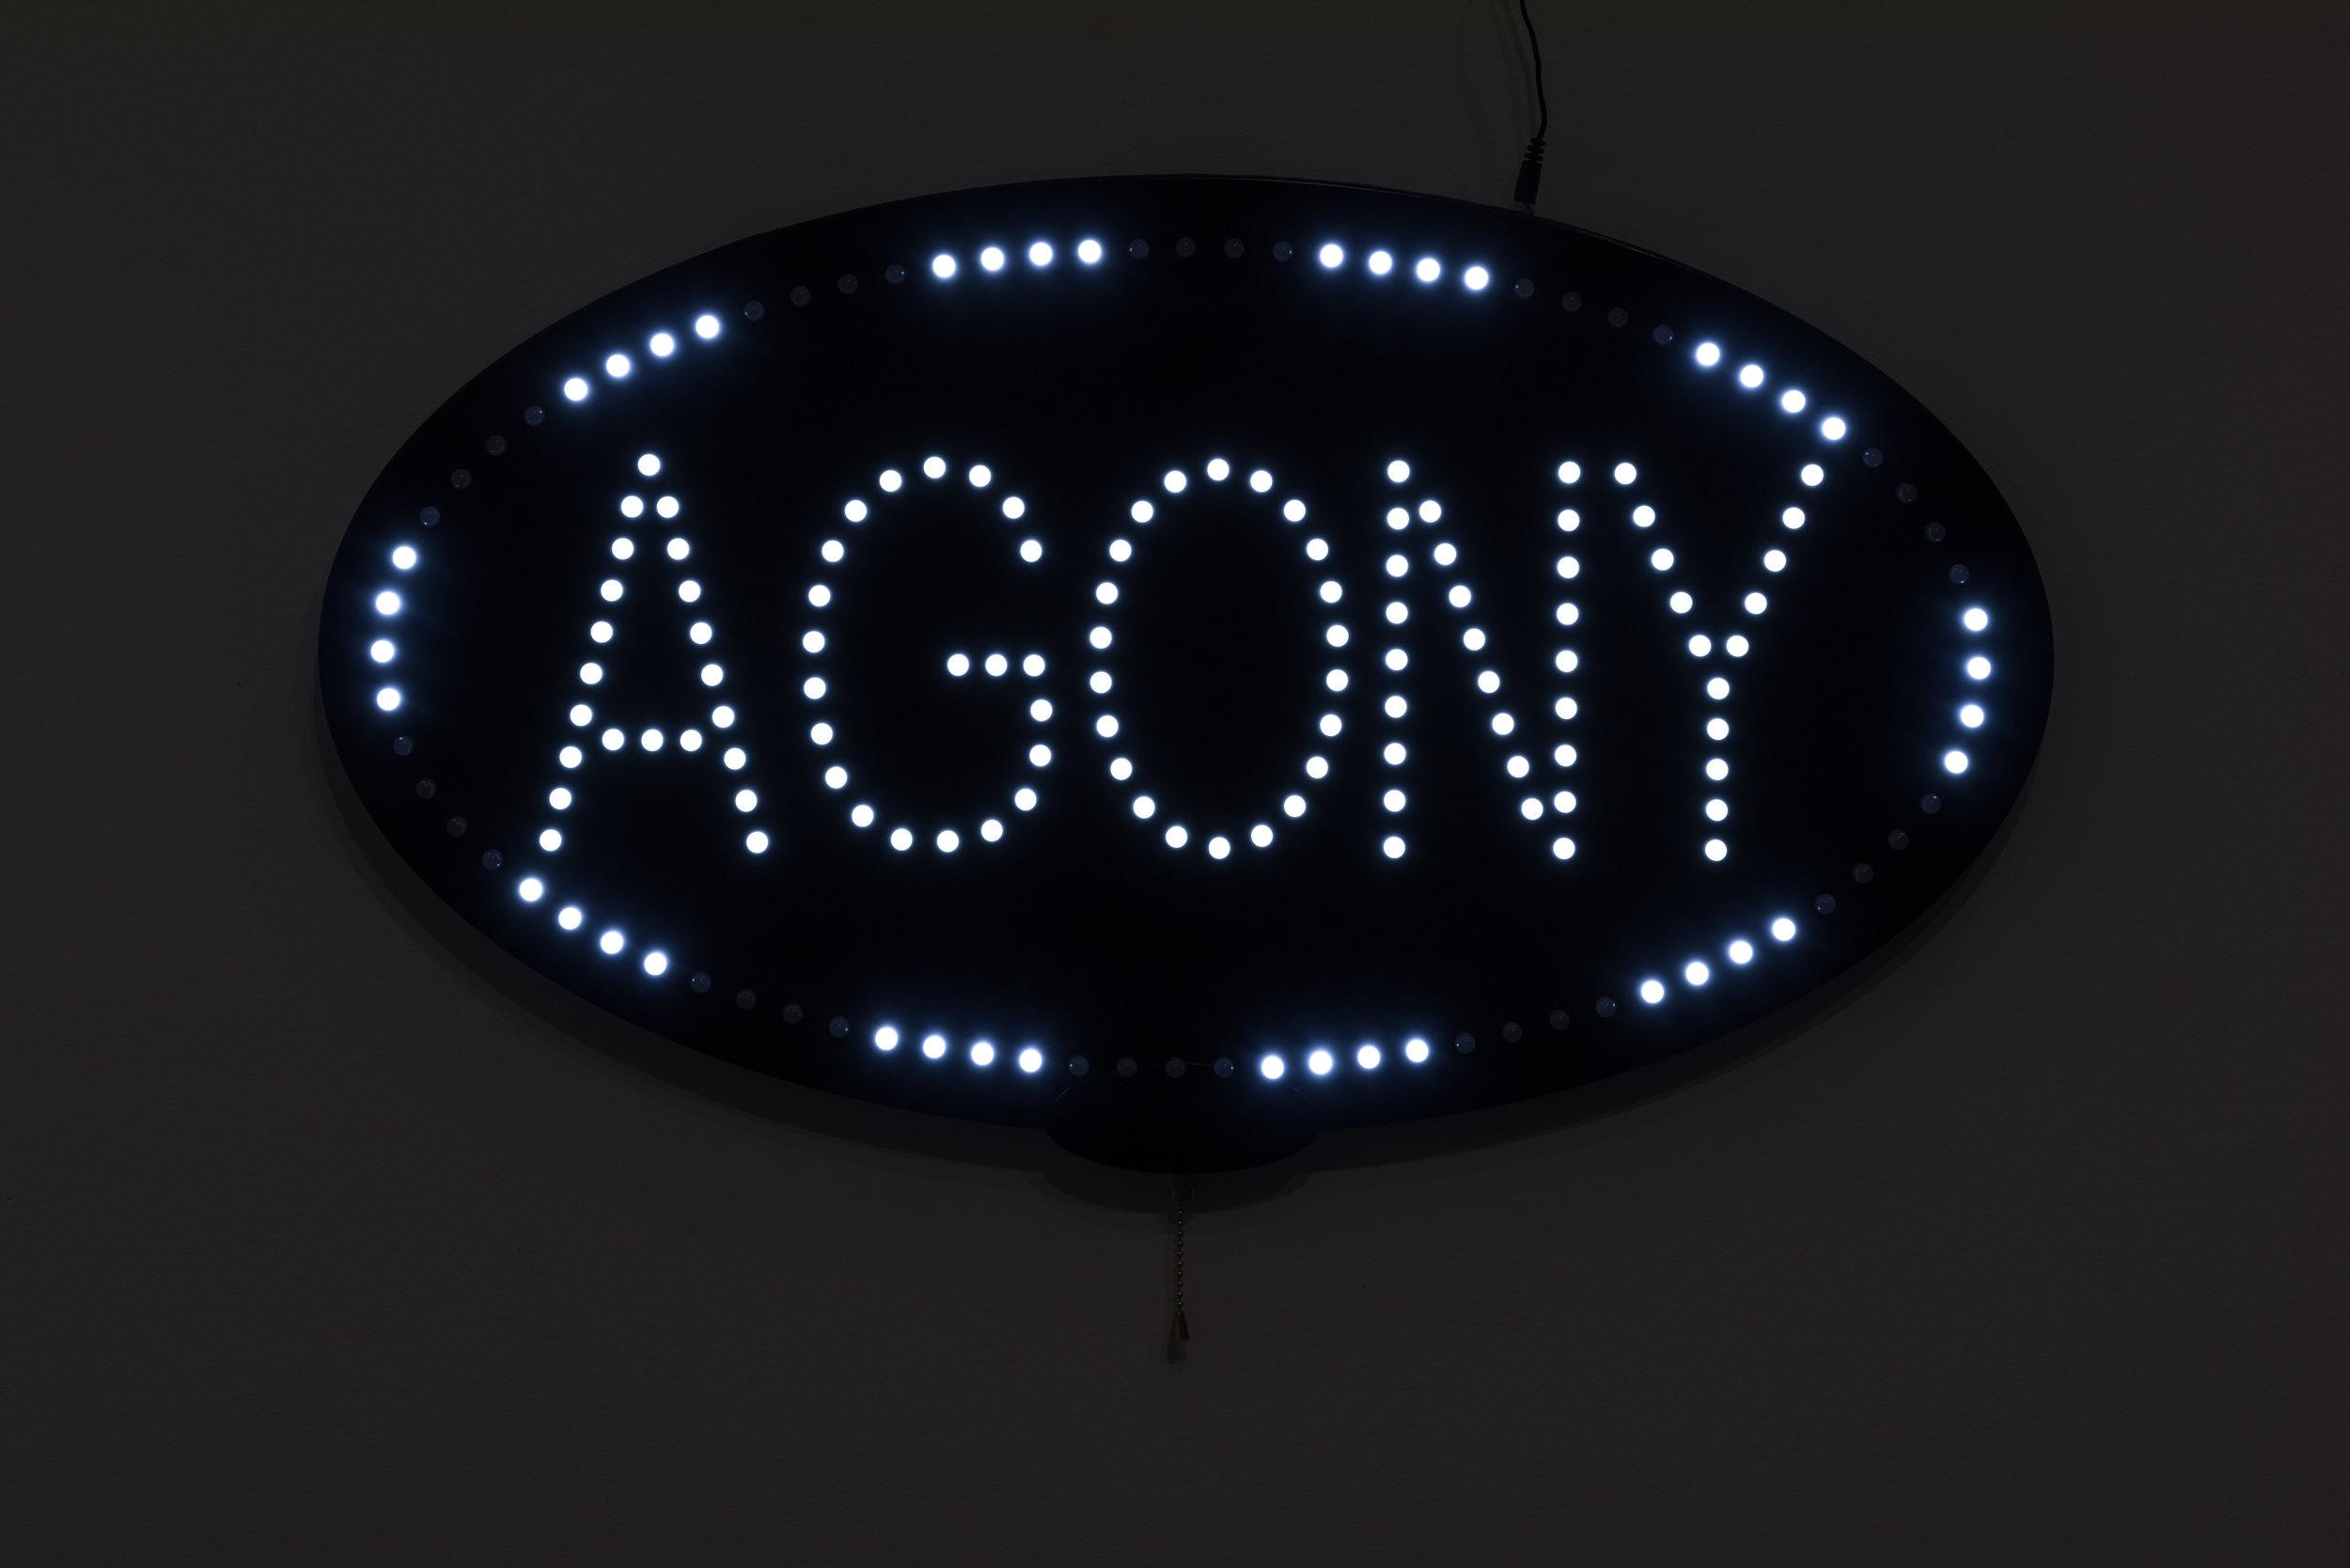 Agony_still.jpg